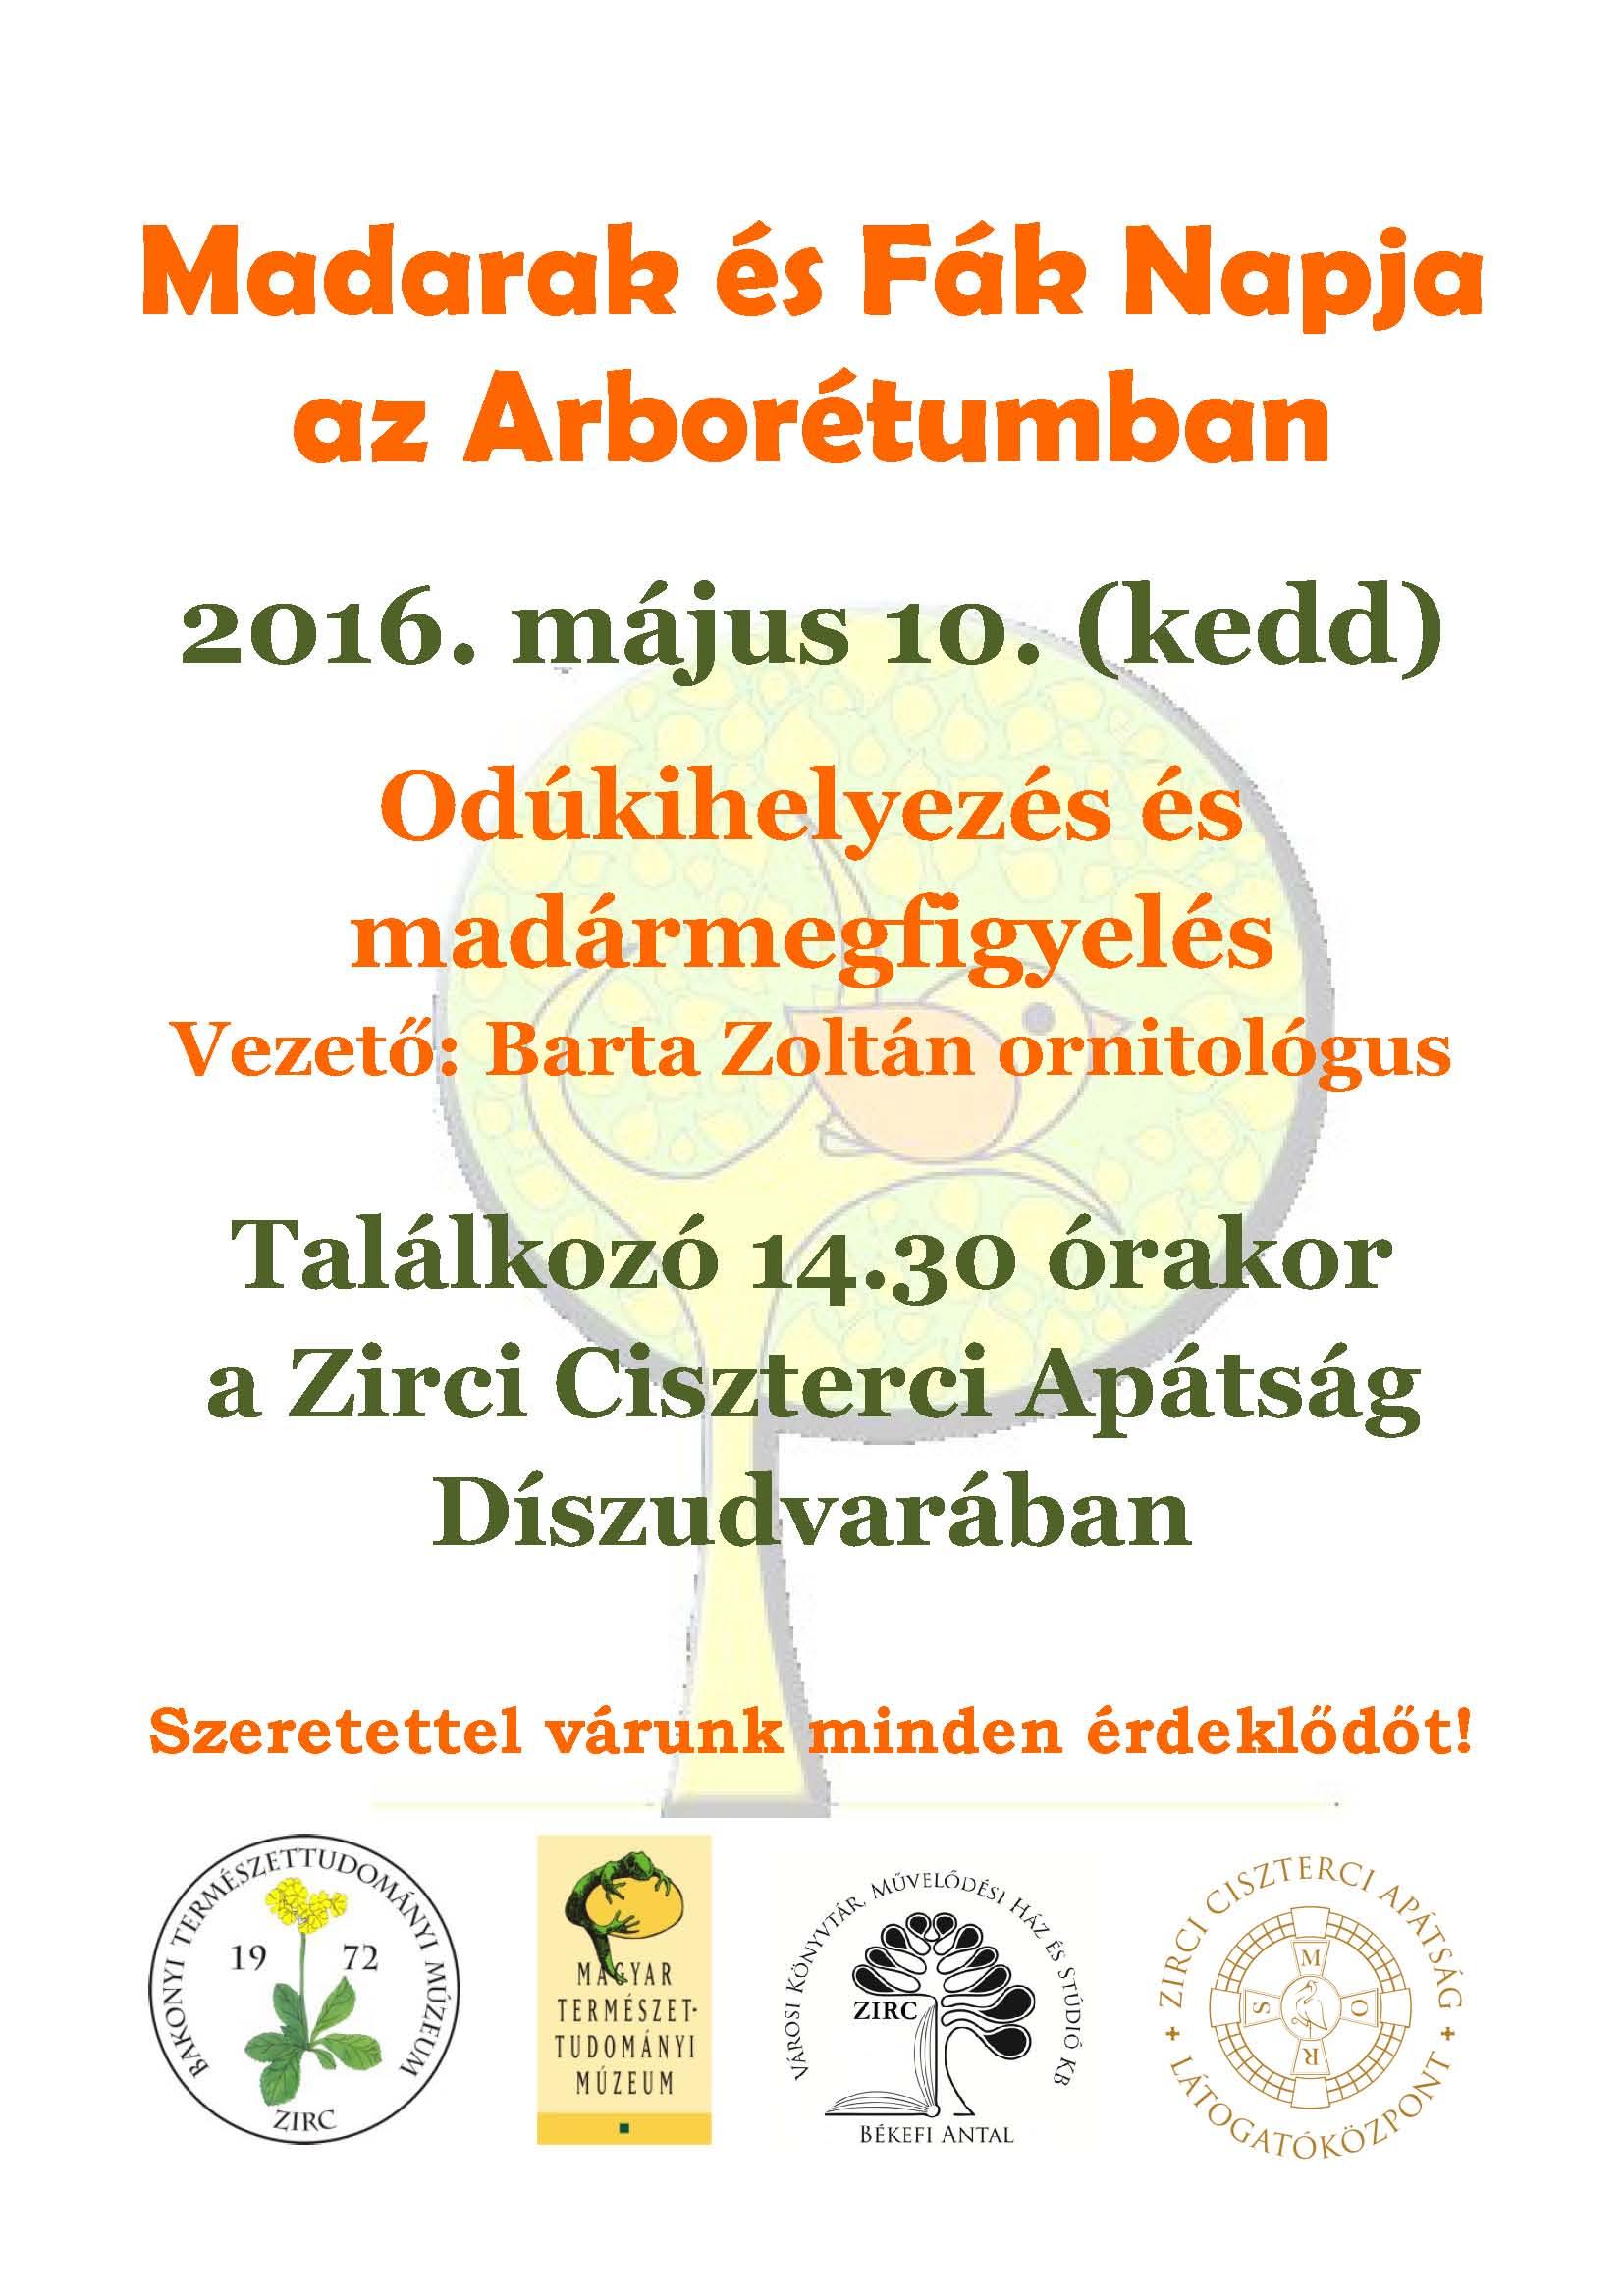 2016-05-10_madarak_es_fak_napja.jpg